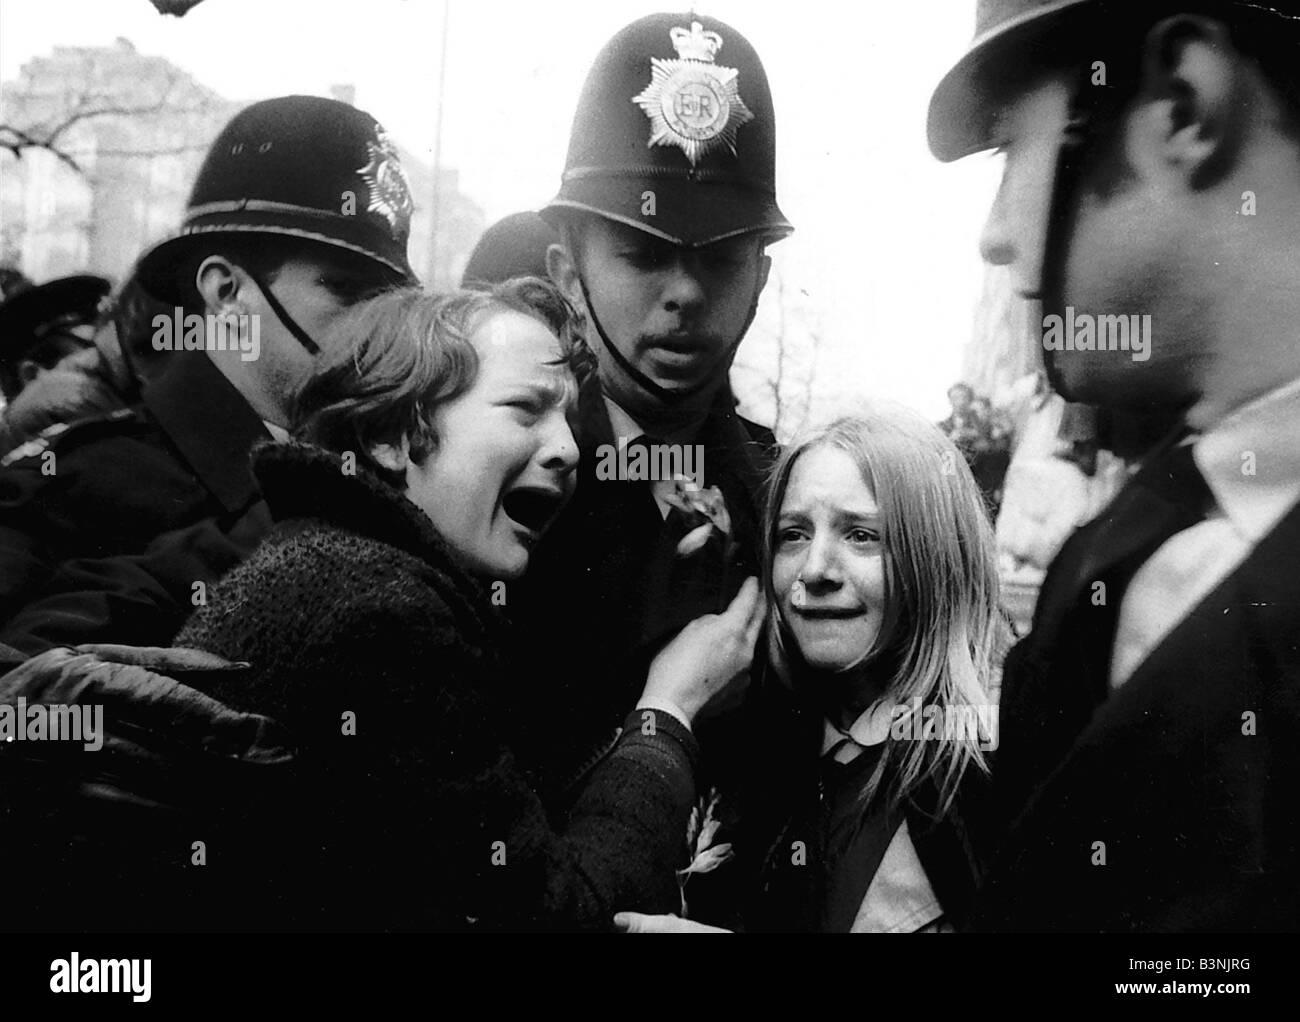 Beatles bouleversé fans pleurer parce que Paul McCartney s'est marié sont emmenés par la police en mars 1969Banque D'Images